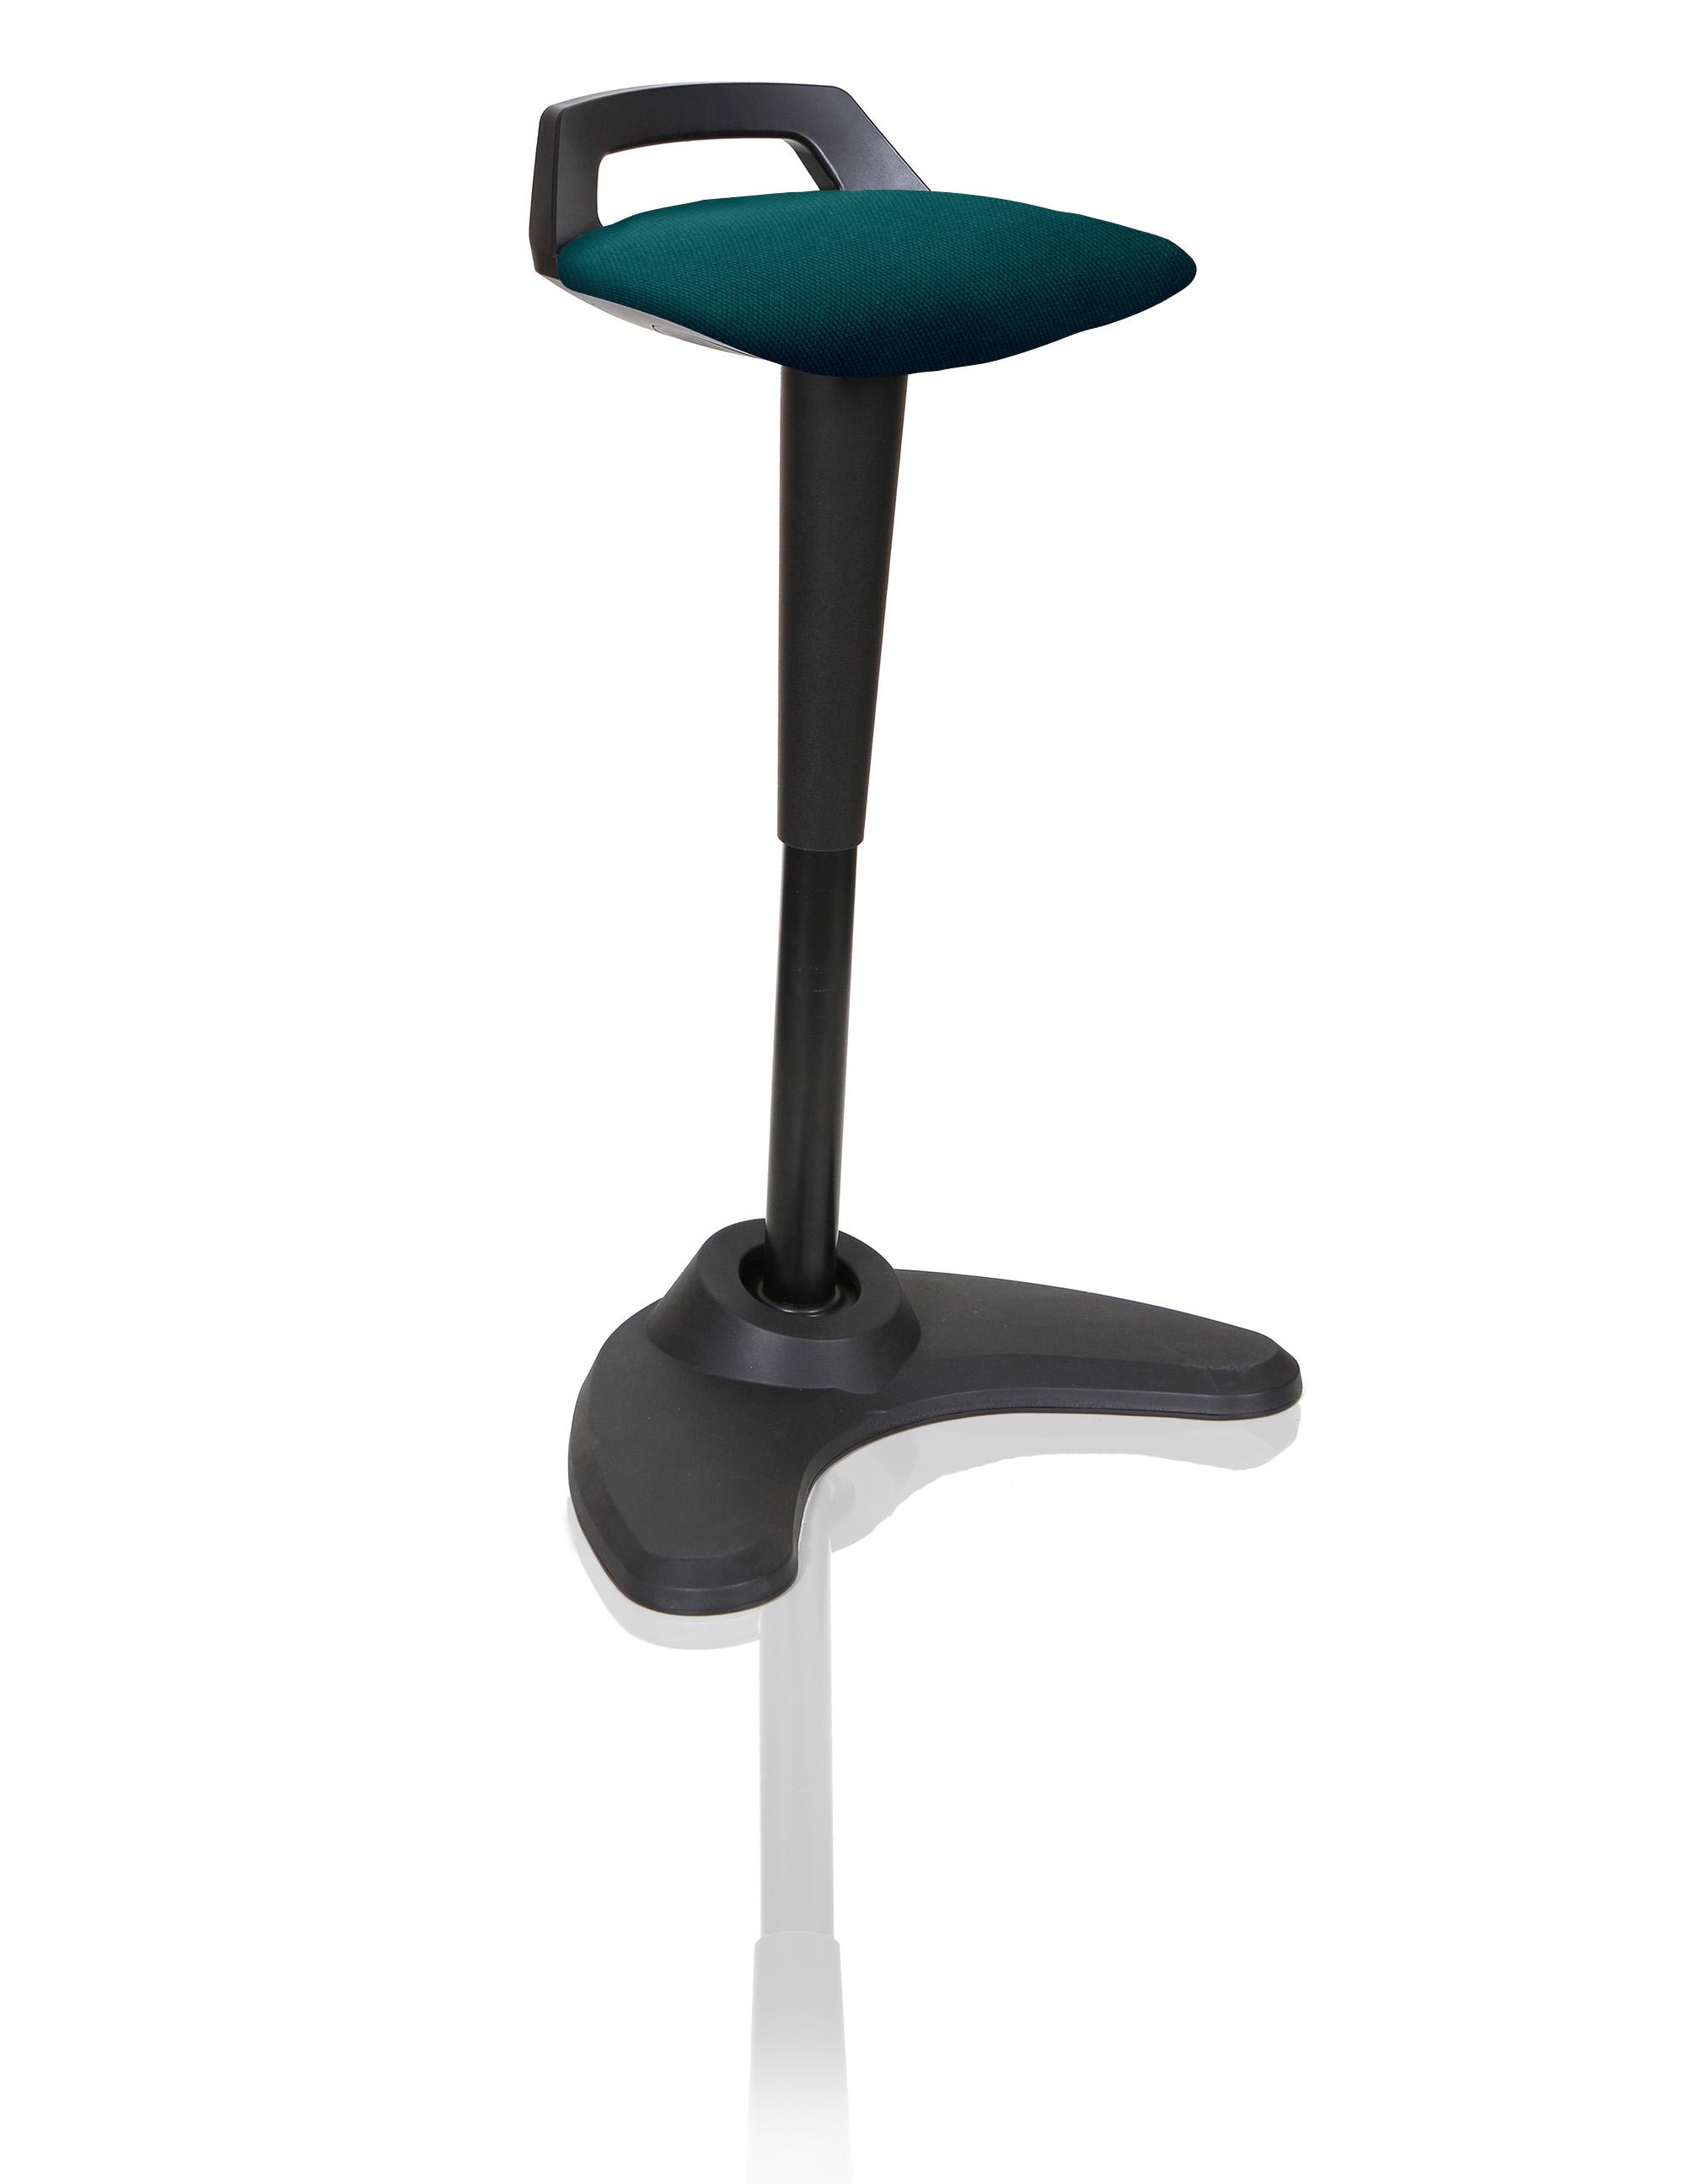 Spry Stool Black Frame Bespoke Seat Maringa Teal KCUP1204